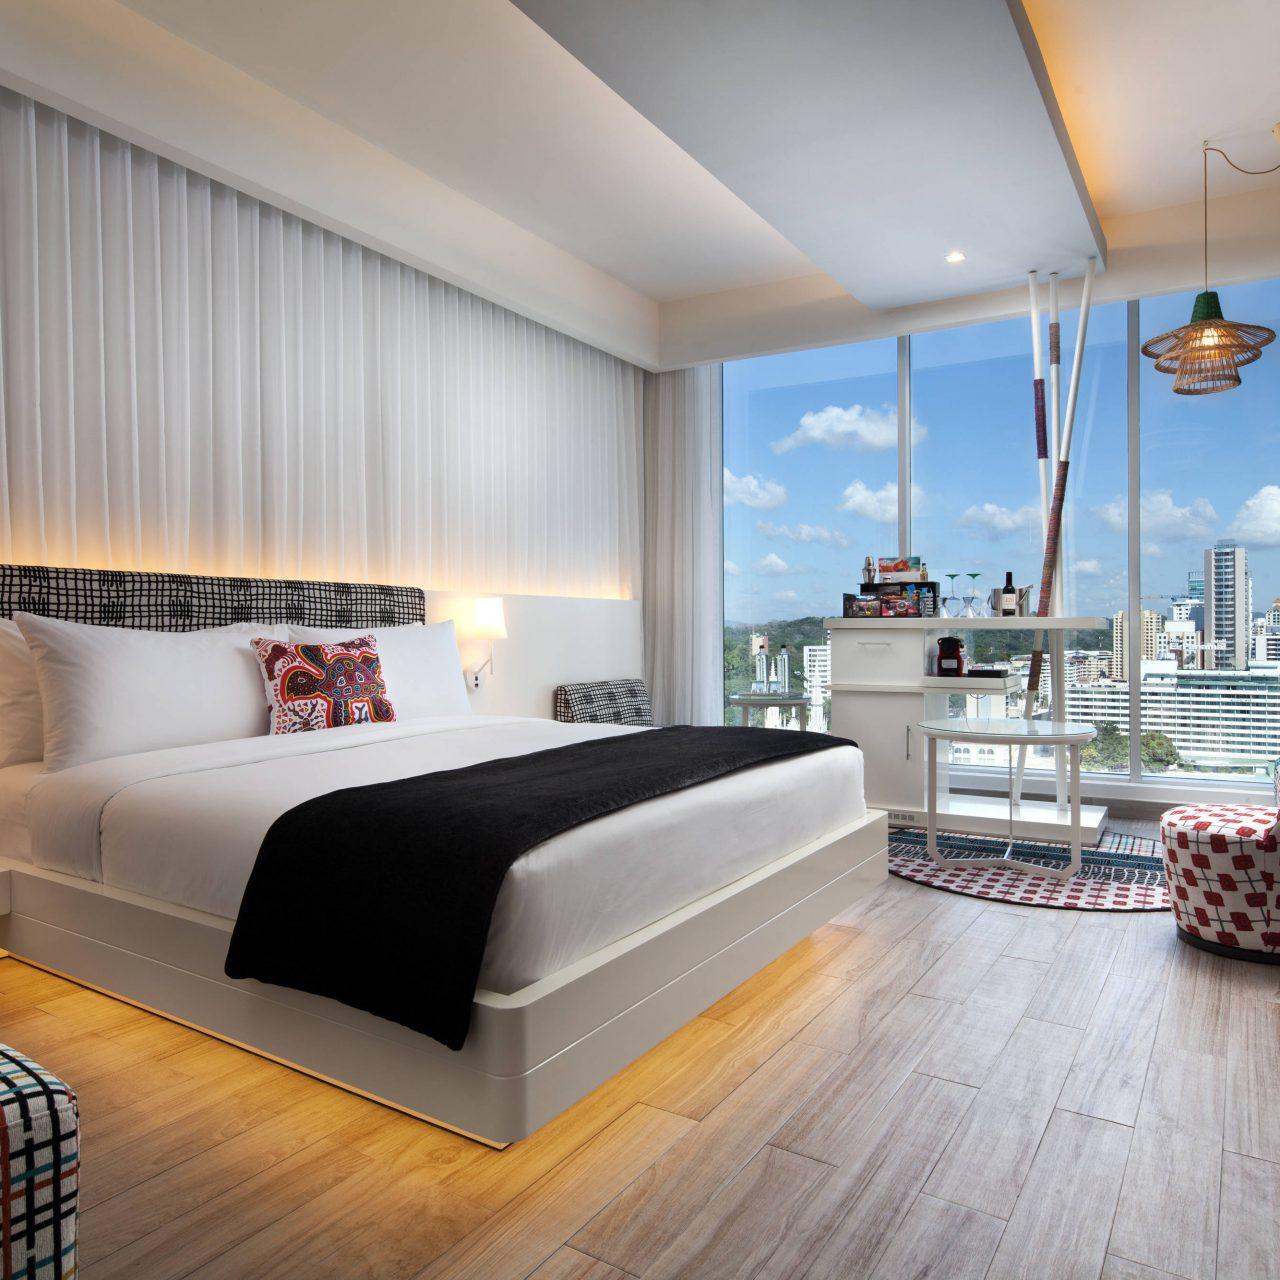 Habitaciones inteligentes: el futuro prometedor de la hotelería